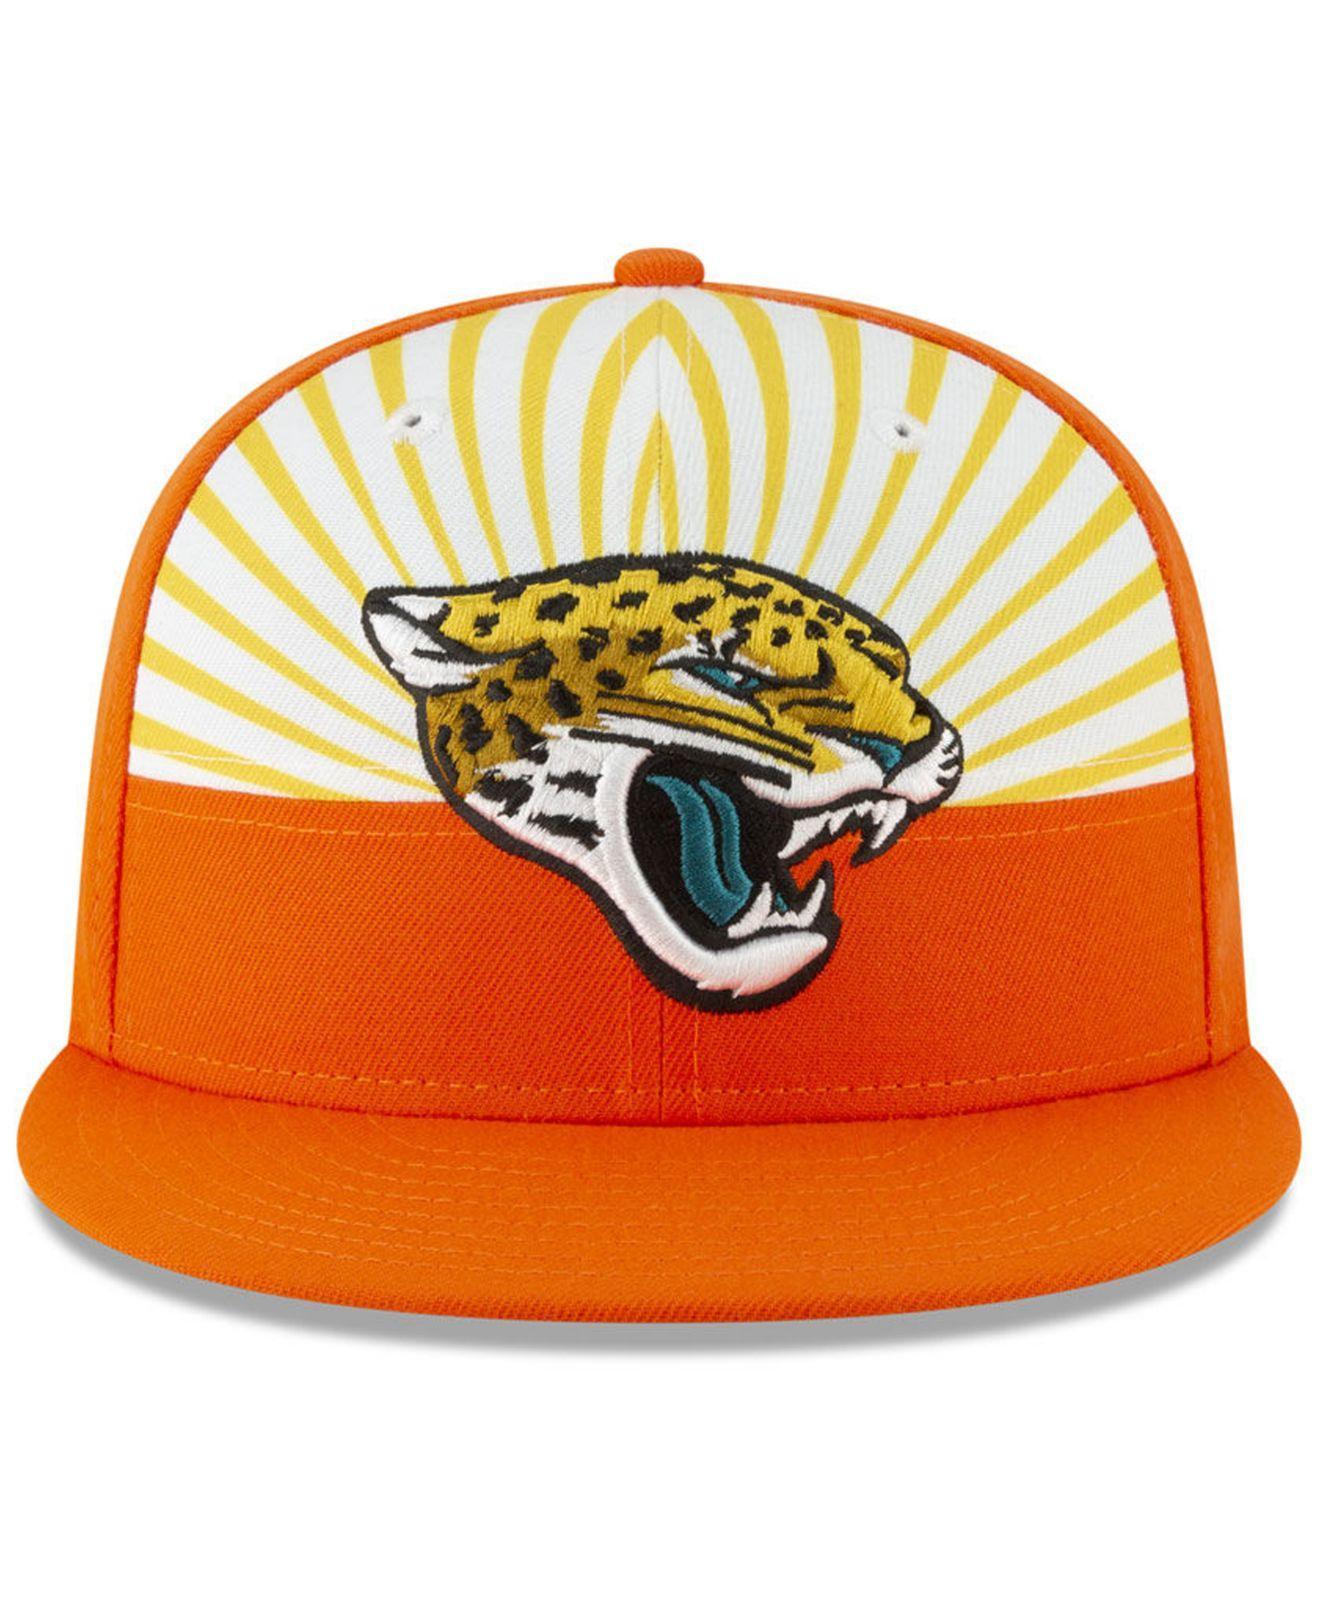 5d7e23216f7fe Lyst - KTZ Jacksonville Jaguars Draft Spotlight 9fifty Snapback Cap in  Orange for Men